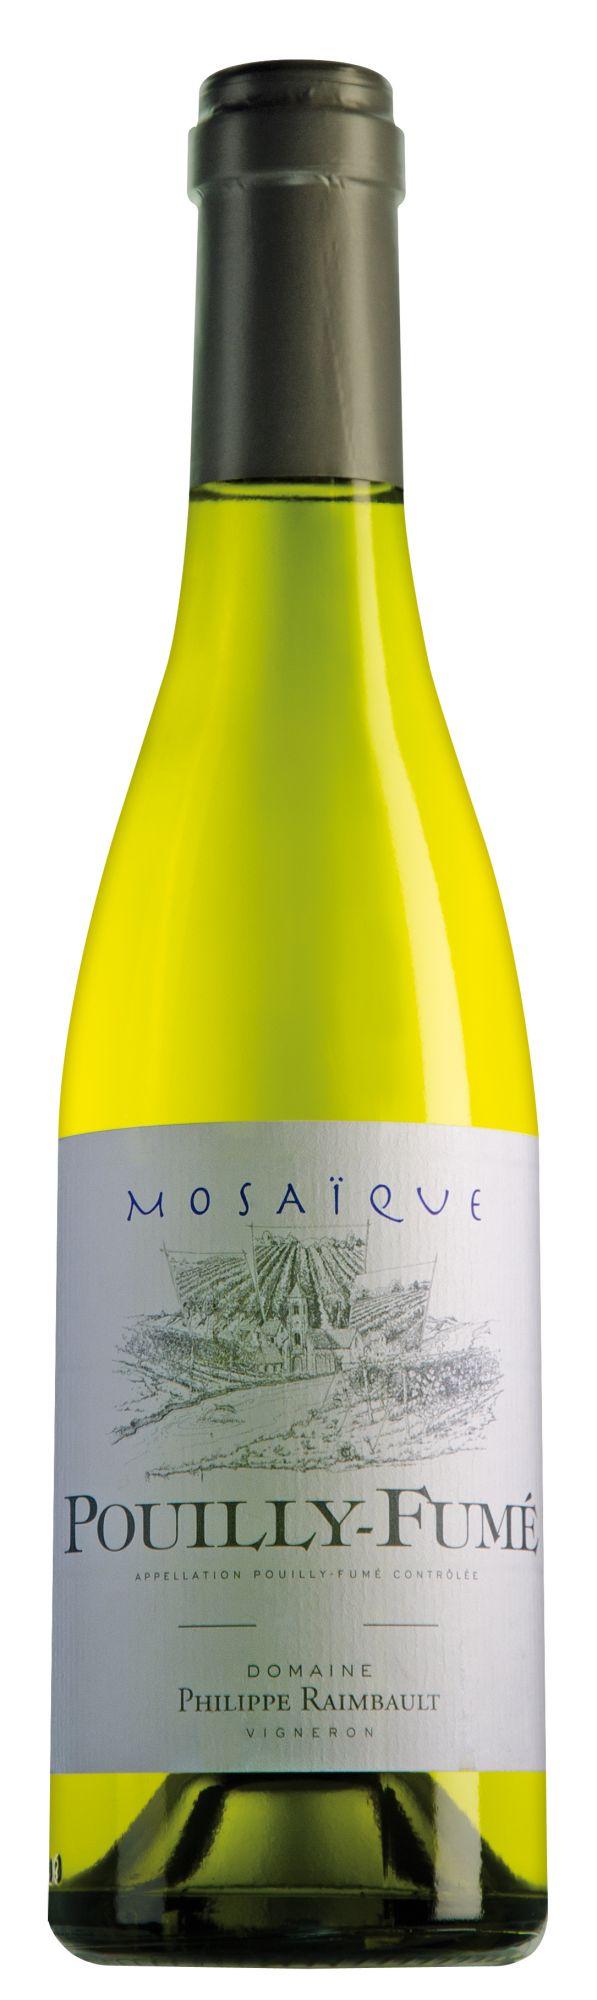 Domaine Raimbault Pouilly-Fumé Mosaïque halve fles